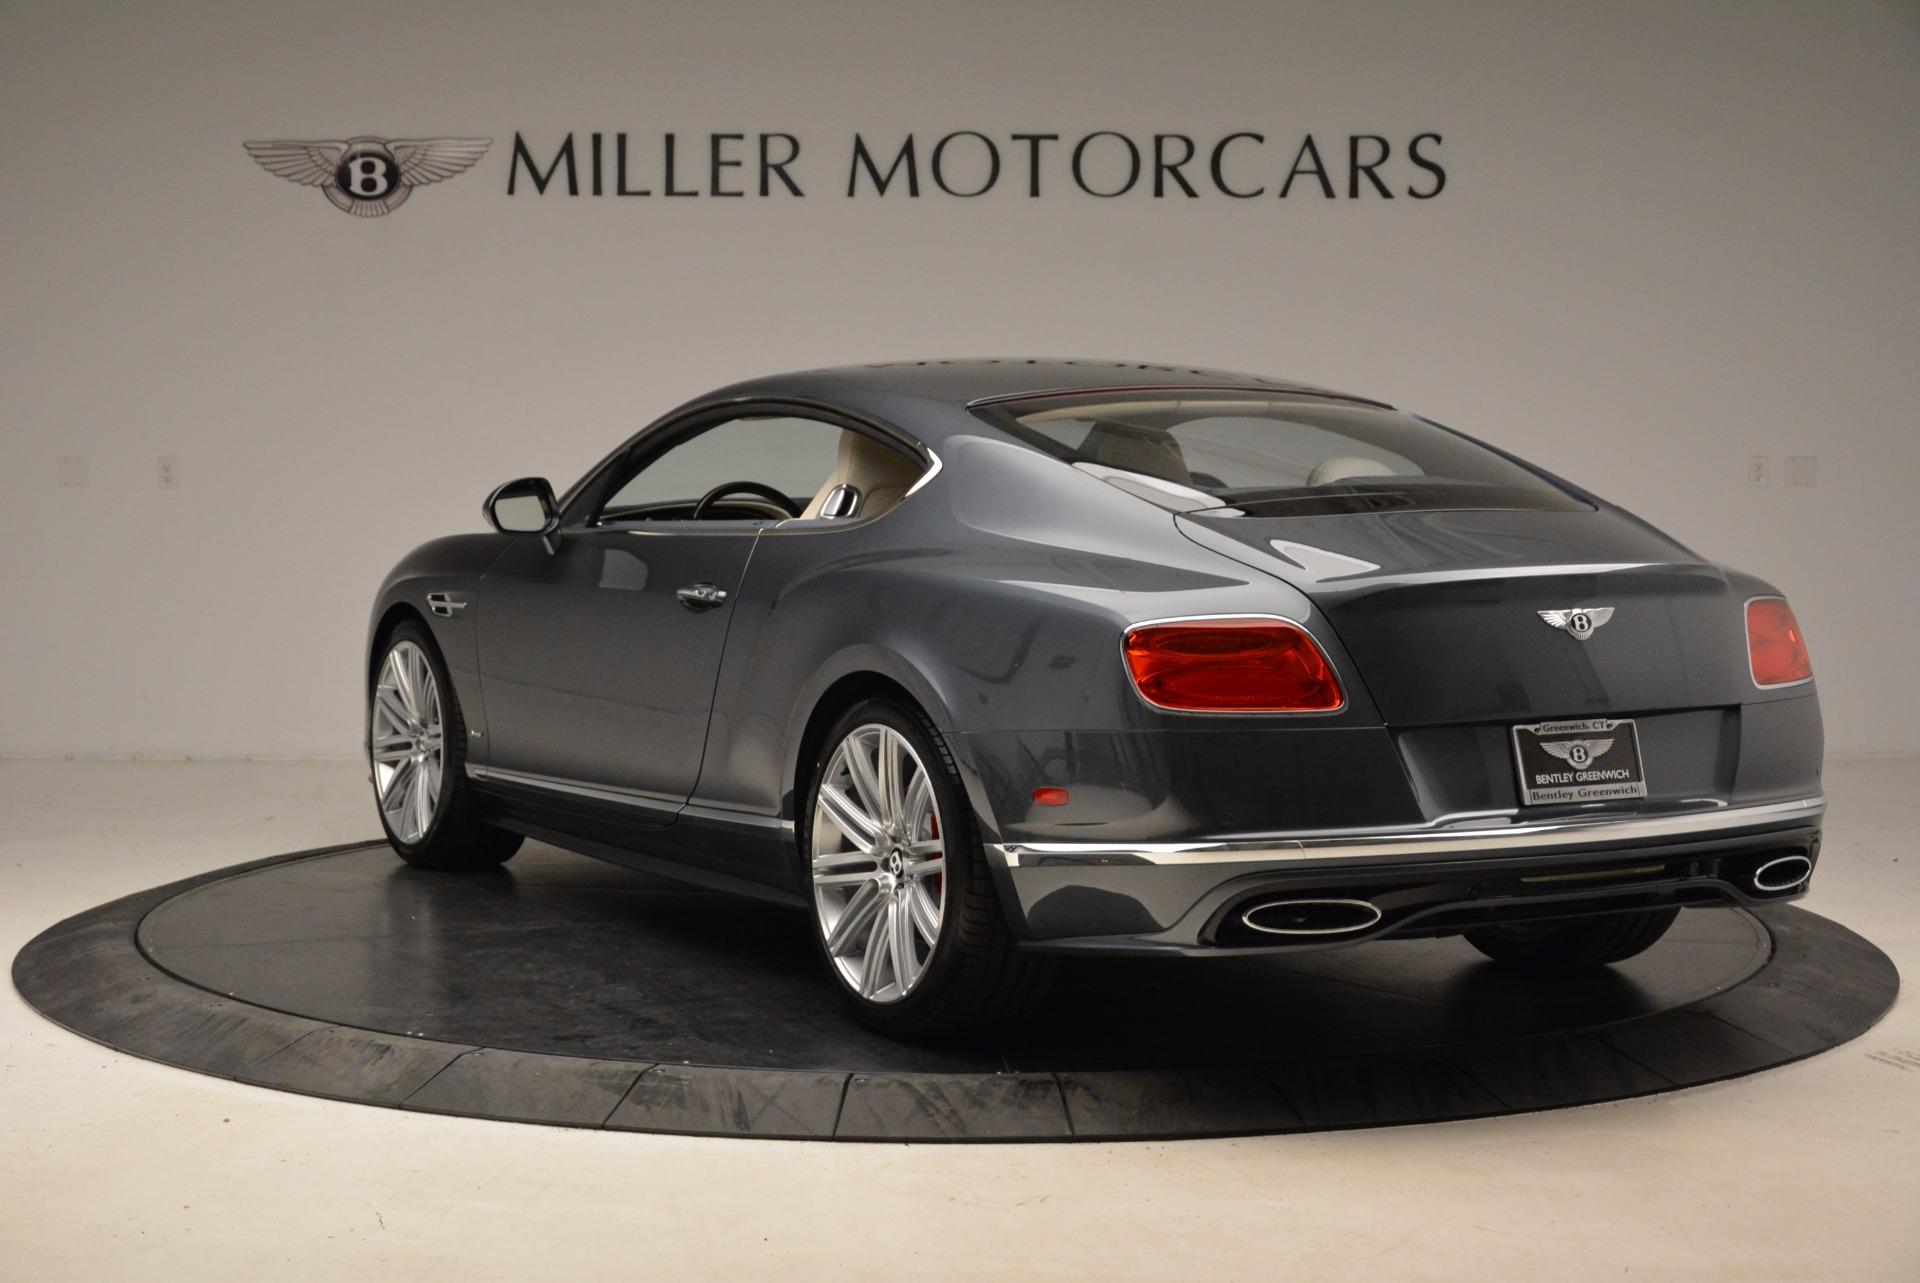 New 2017 Bentley Continental GT Speed For Sale In Westport, CT 1715_p5